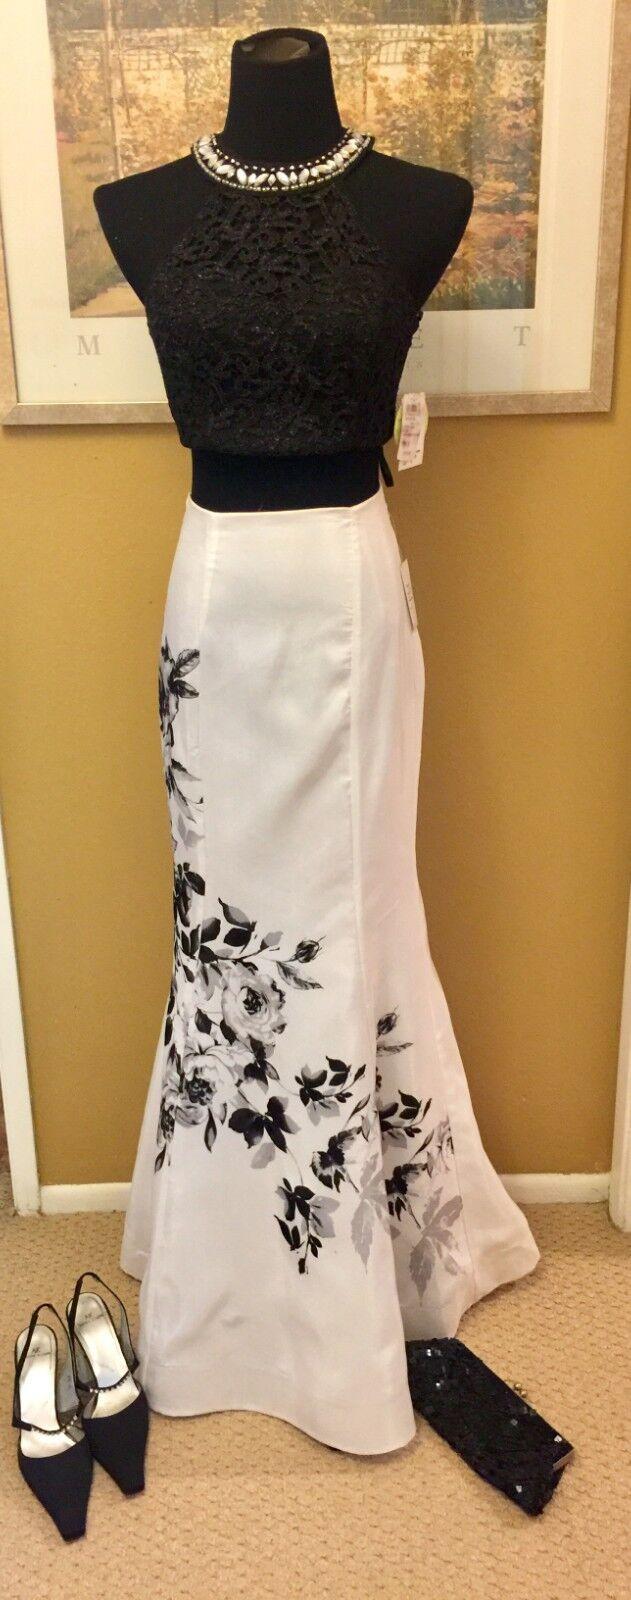 damen SEQUIN HEARTS Homecoming Prom Formal schwarz & Weiß 2 Piece Gown Größe 3,5